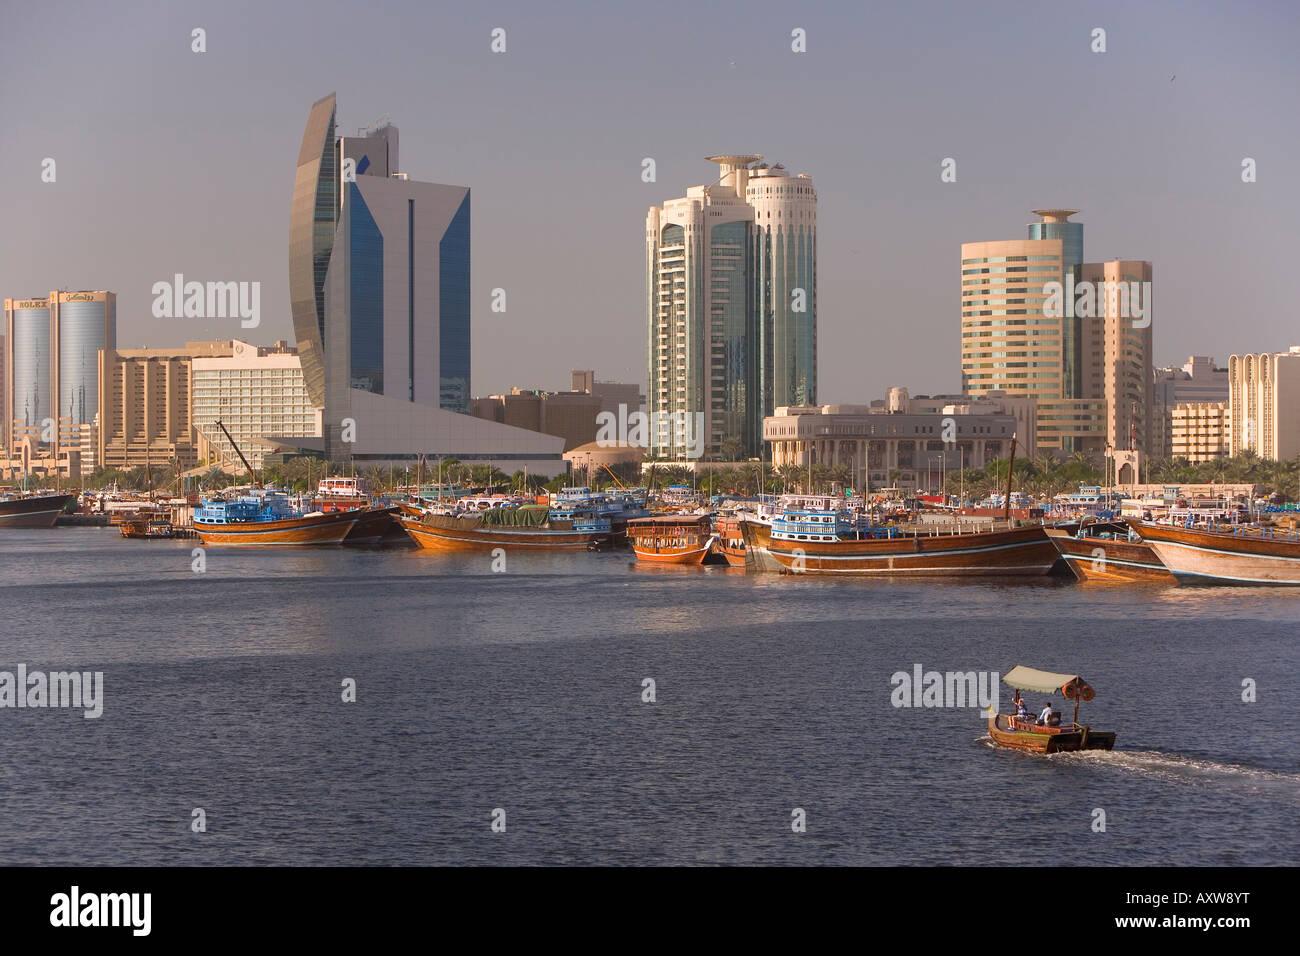 Dubai Creek (Khor Dubai), Dhow Wharfage and Commercial Centre, Deira, Dubai, United Arab Emirates, Middle East - Stock Image